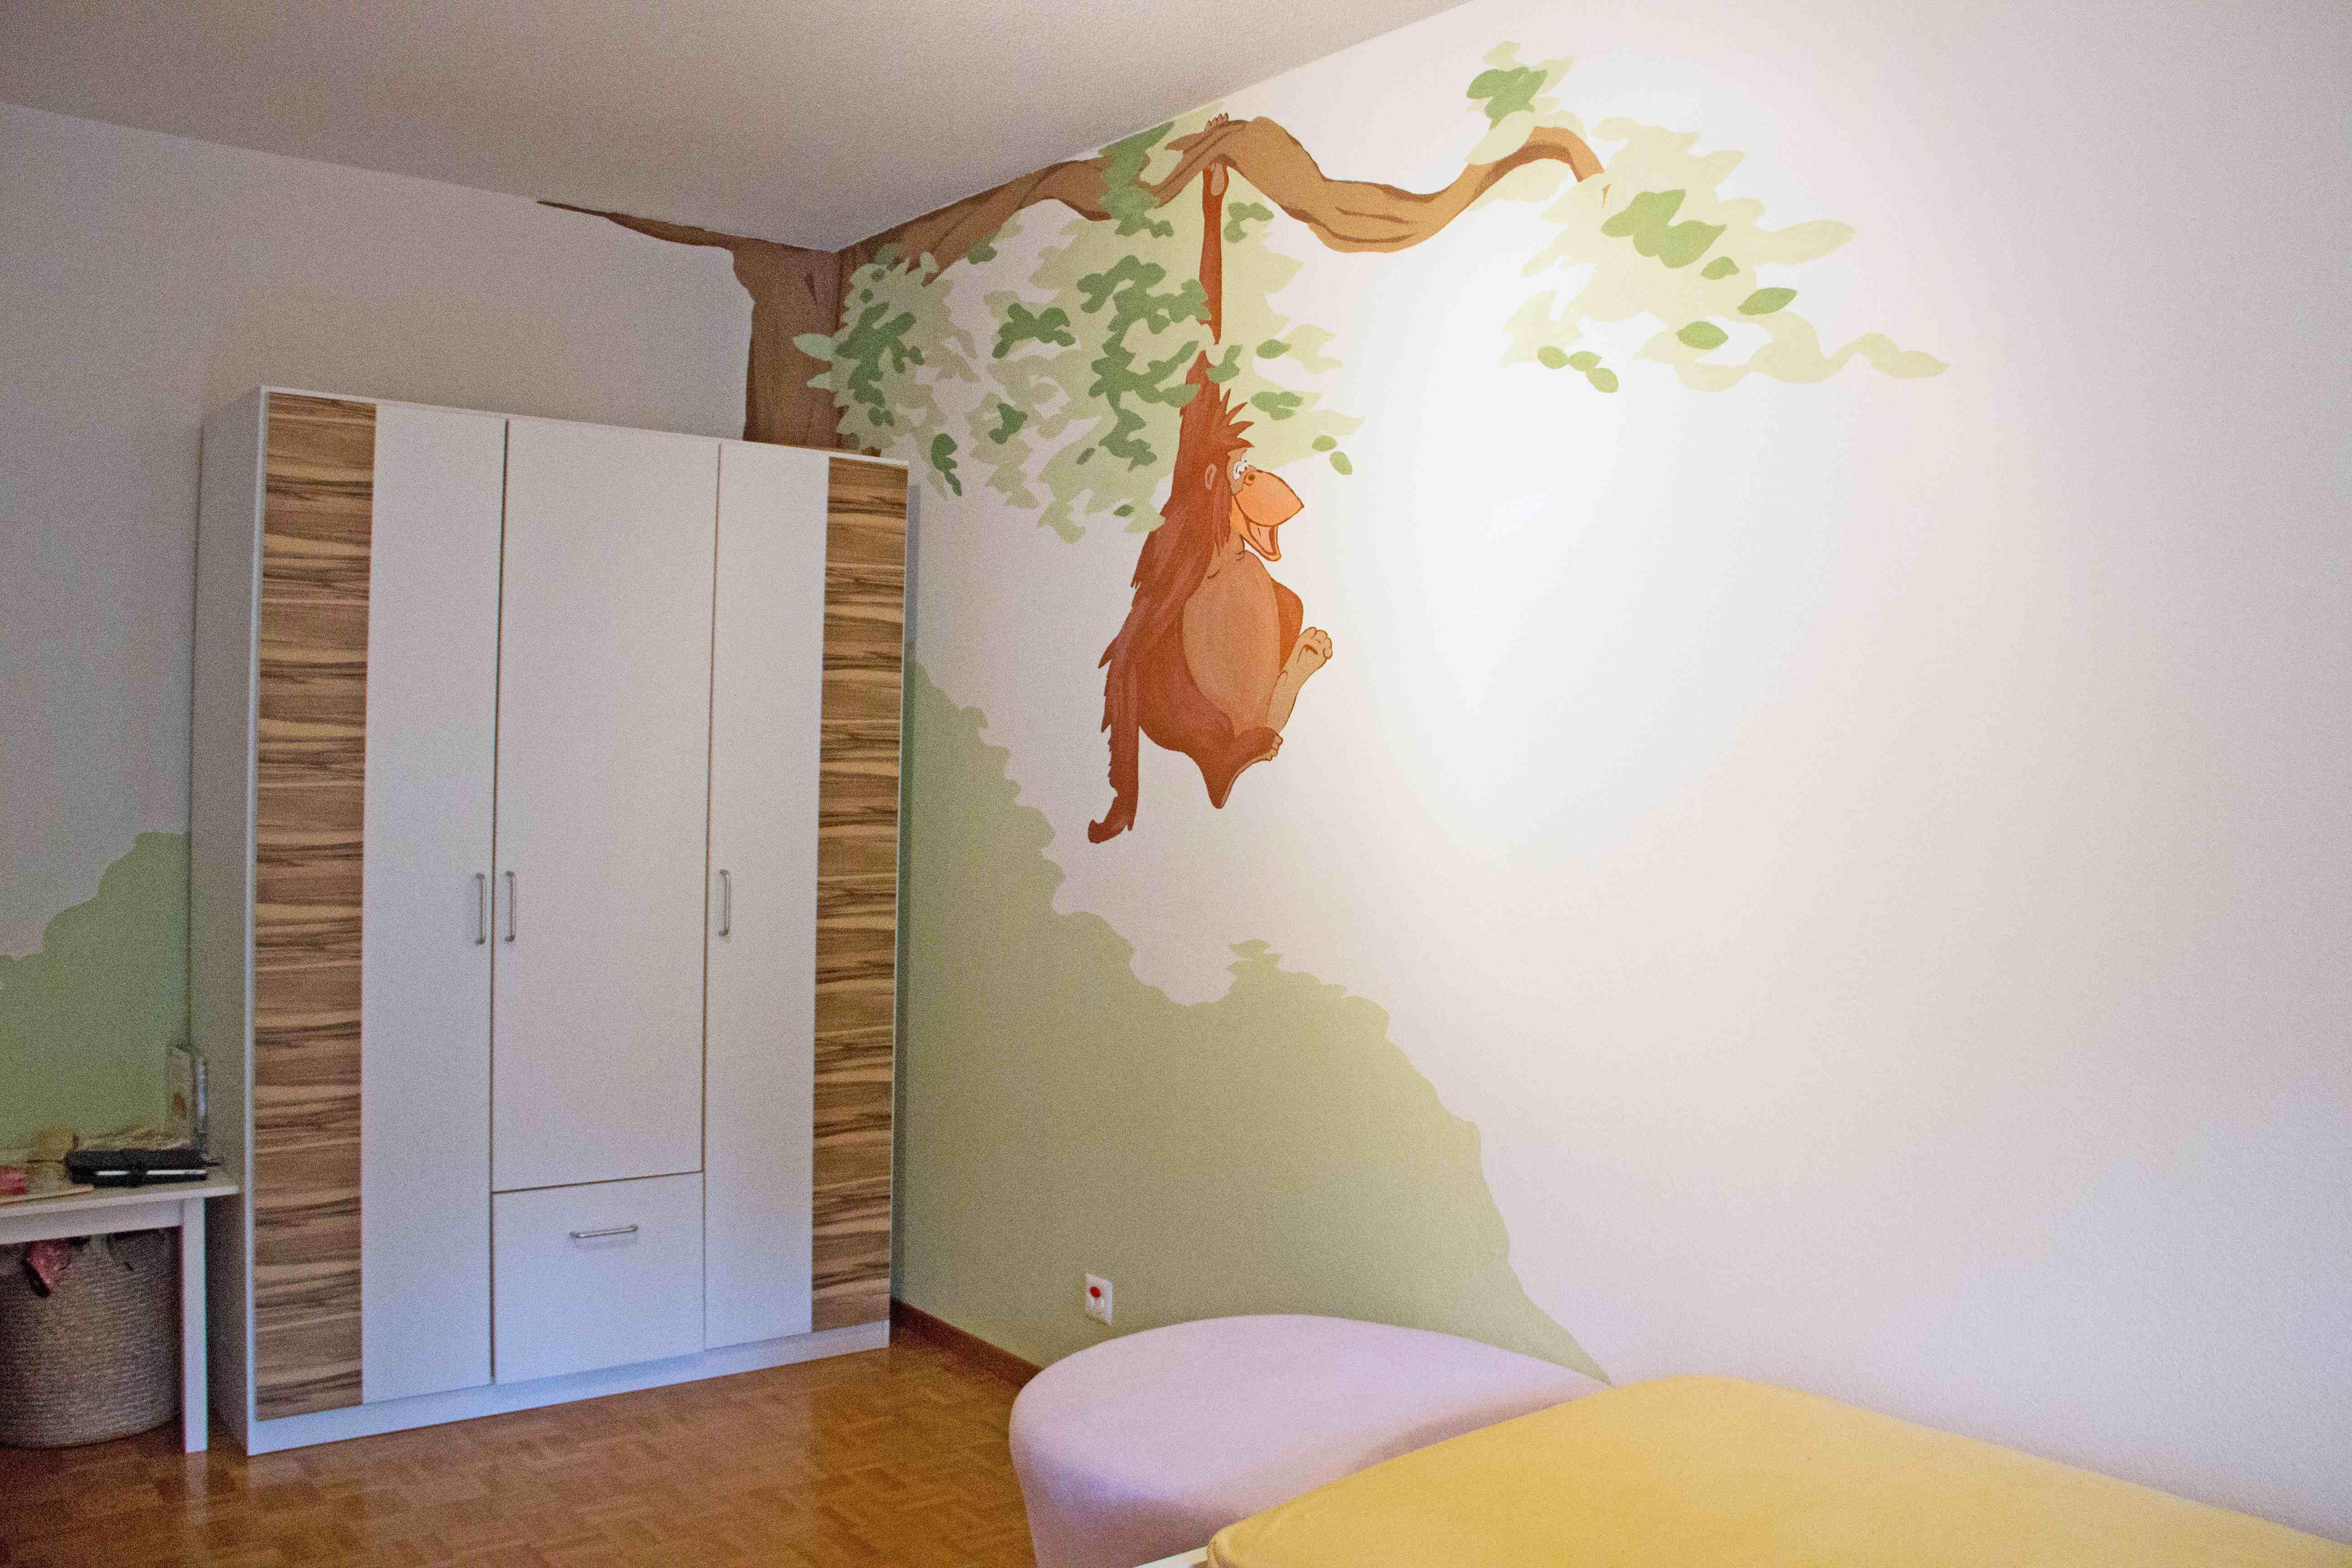 kinderzimmermalerei.ch - Individuelle Wand- und Deckengestaltung